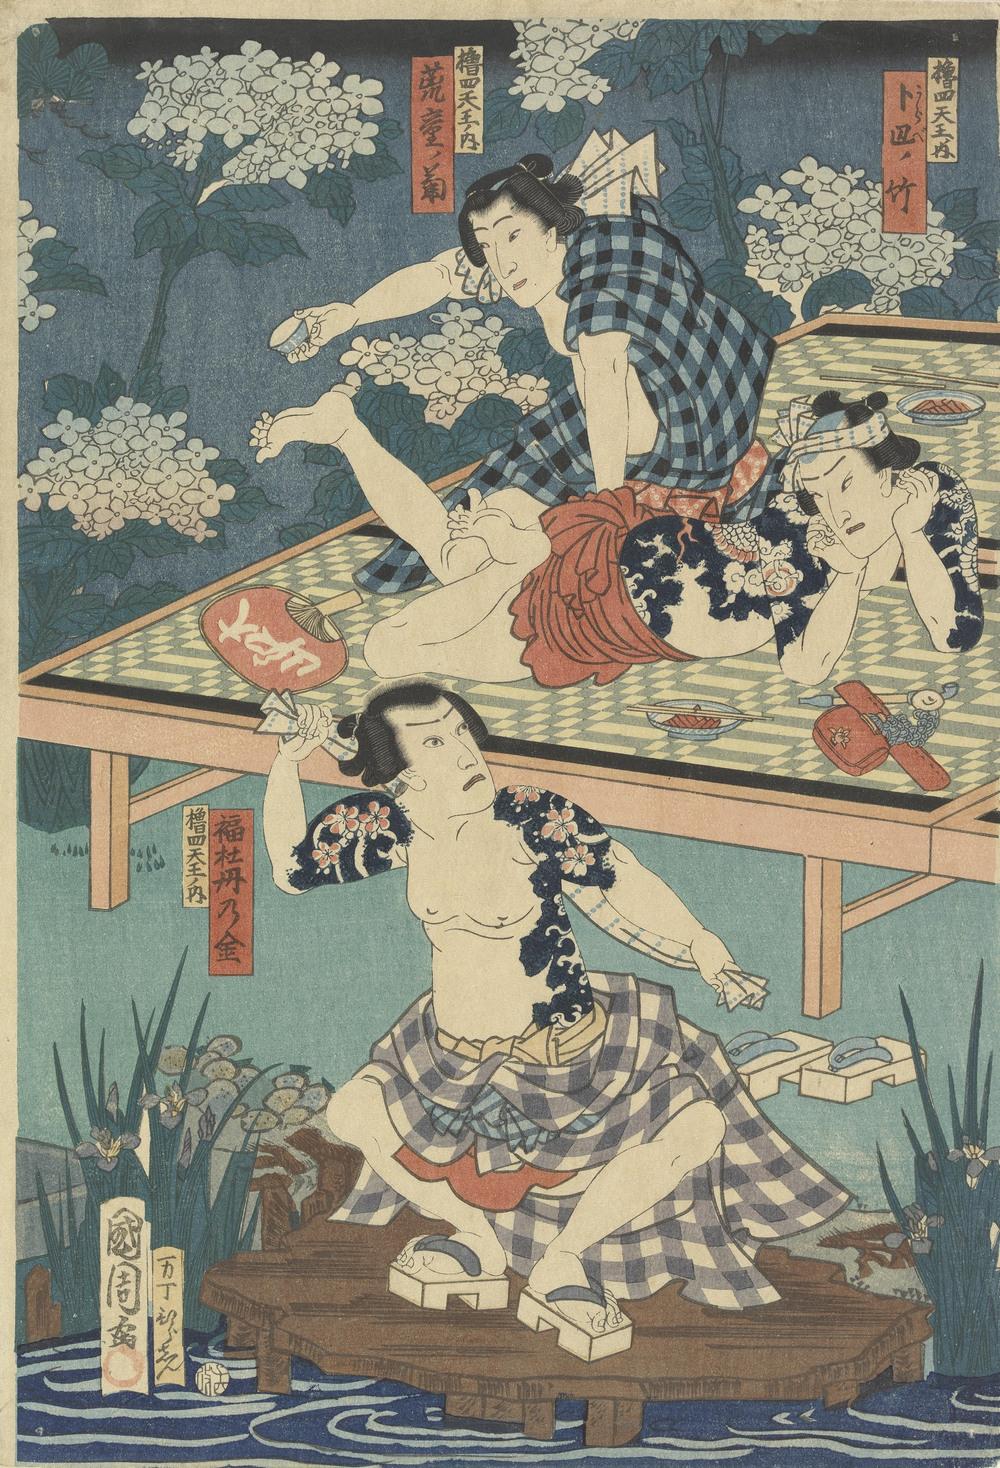 Сотни гравюр укиё-э от японских мастеров 19-го века выложили в свободный доступ